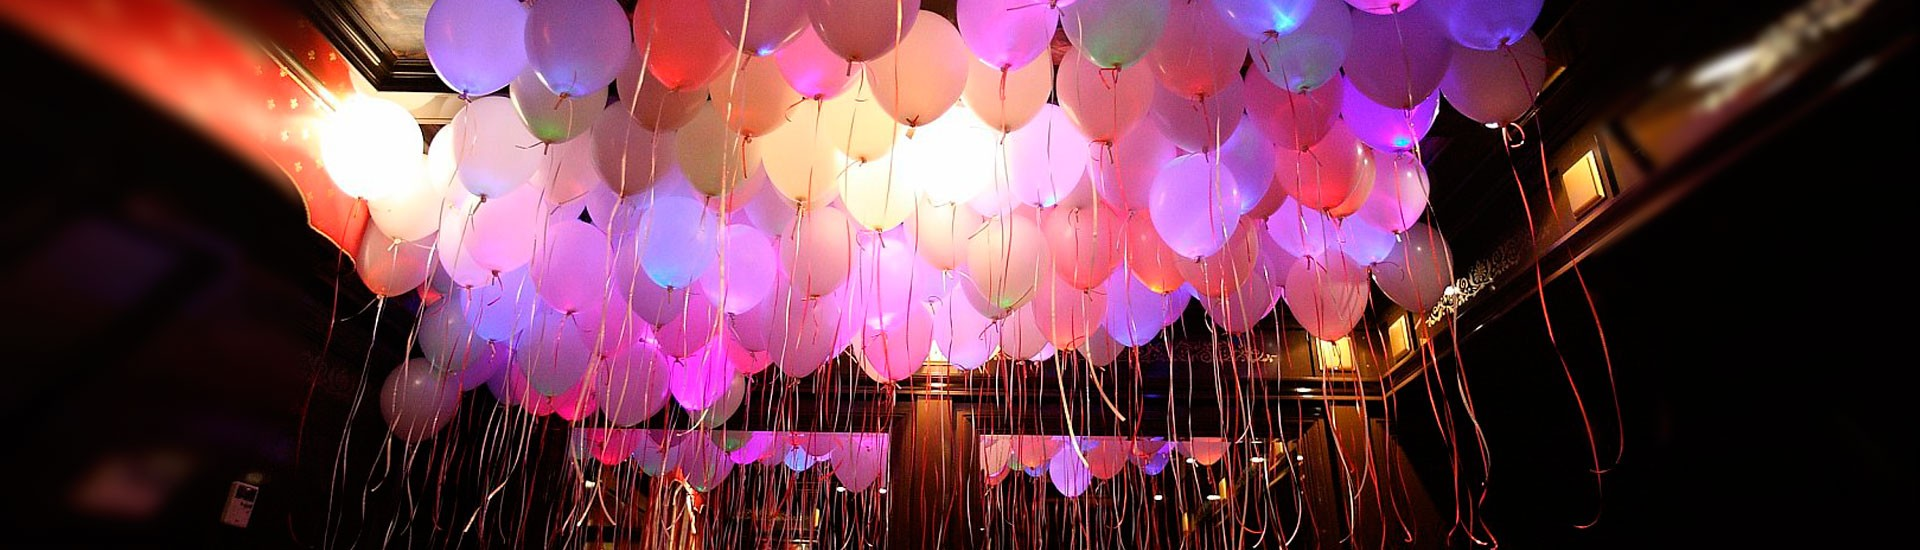 Светодиодные воздушные шары